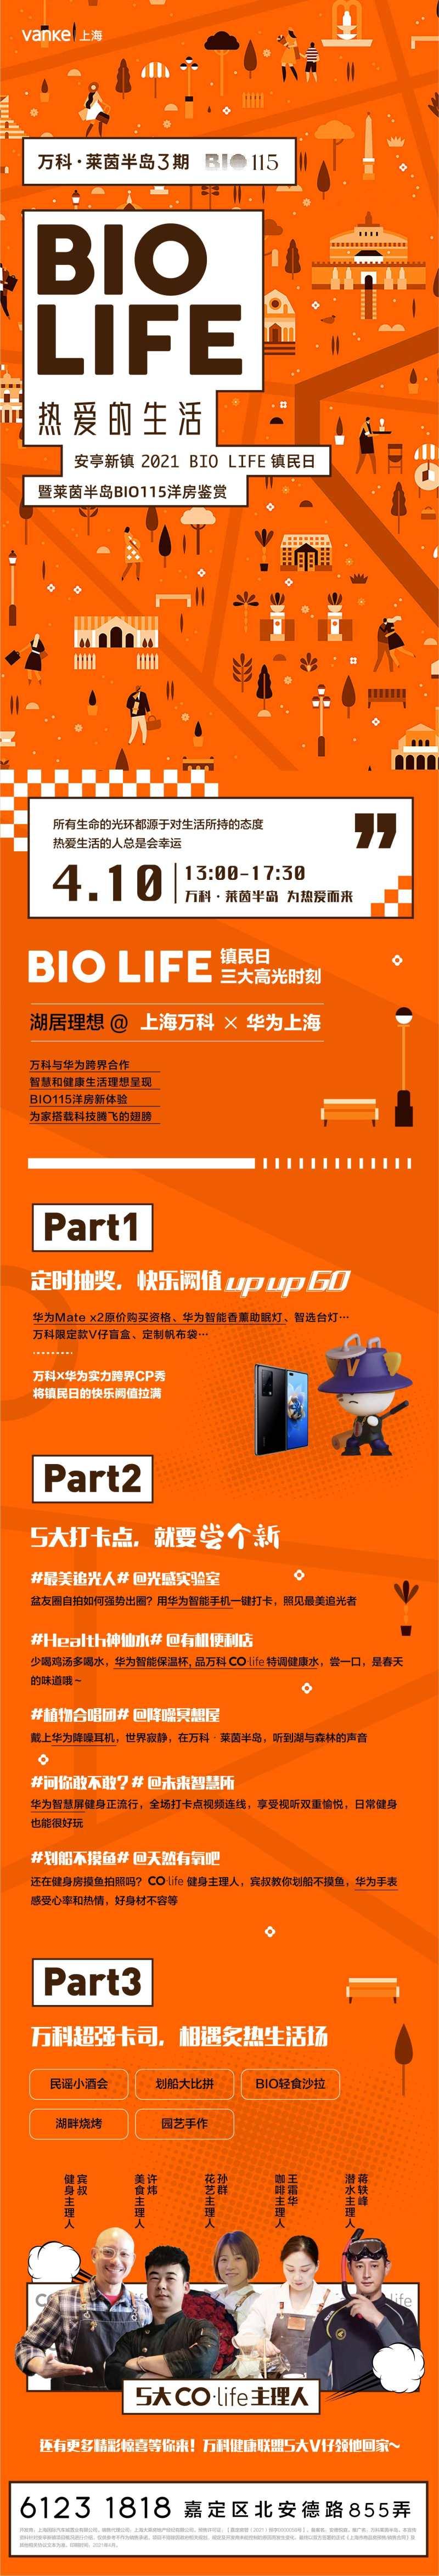 QQ图片20210408163518.jpg